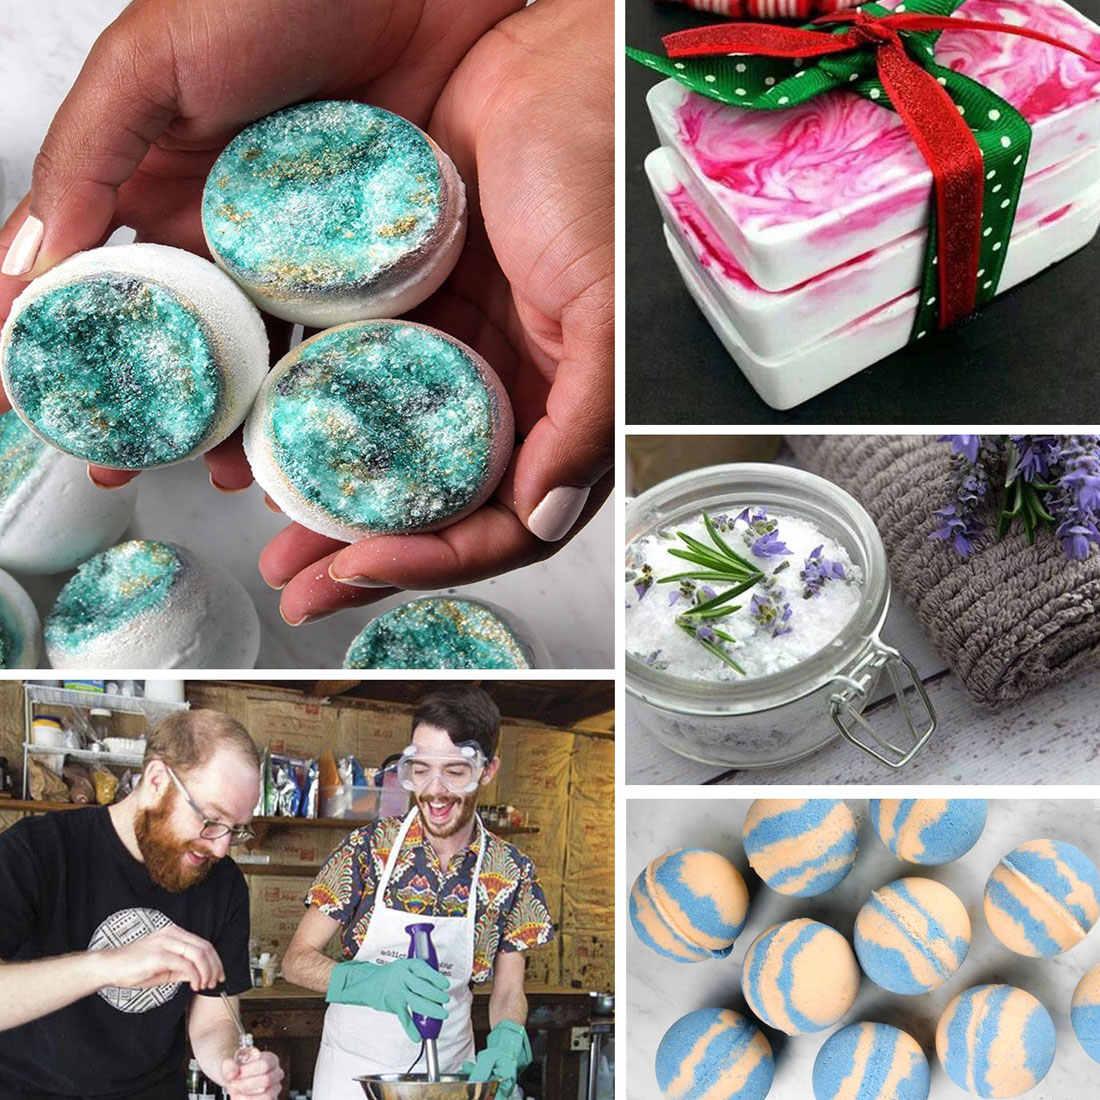 صابون ملون مصنوع يدويًا من البلاستيك لون الماء والزيت صبغات دقيقة لتقوم بها بنفسك غراء UV غراء خبيز 10 مللي قاعدة صبغات الصبغ والصابون